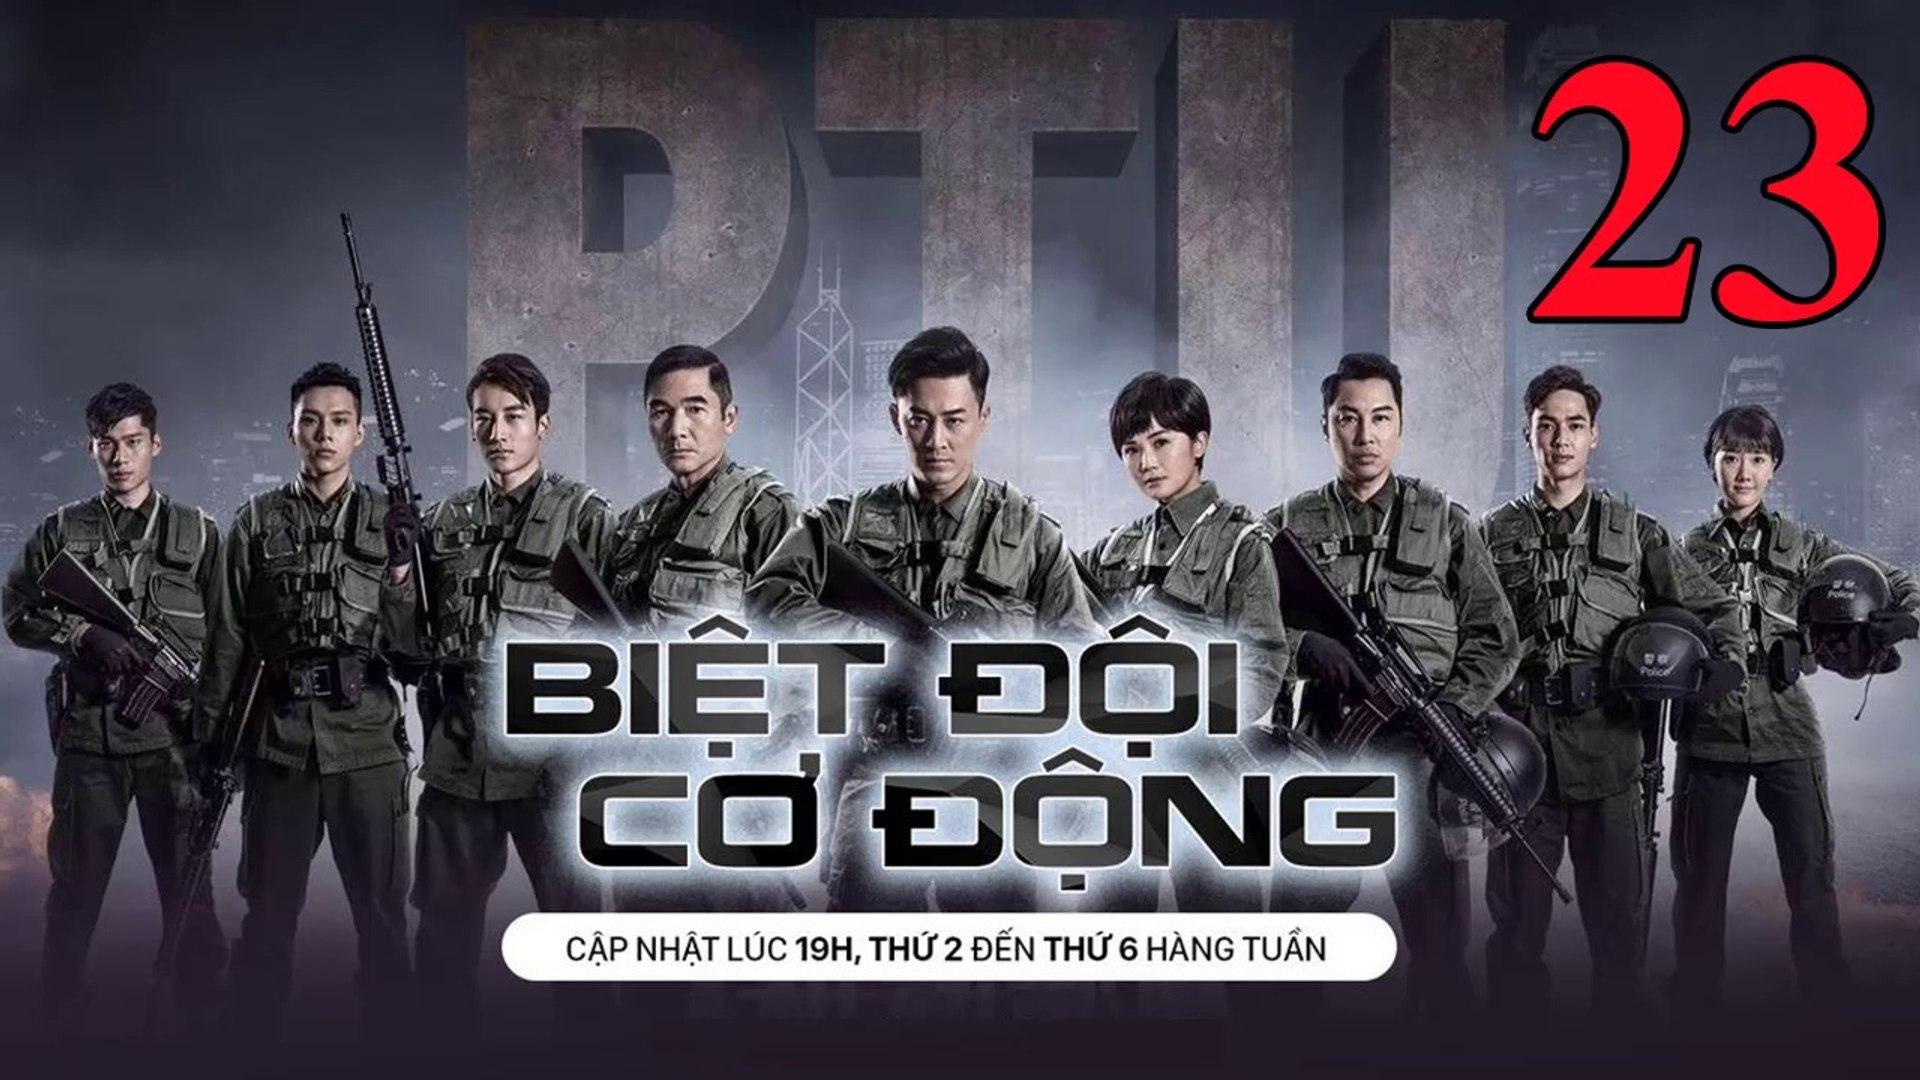 Phim Hành Động TVB: Biệt Đội Cơ Động Tập 23 Vietsub | 机动部队 Police Tactical Unit Ep.23 HD 2019